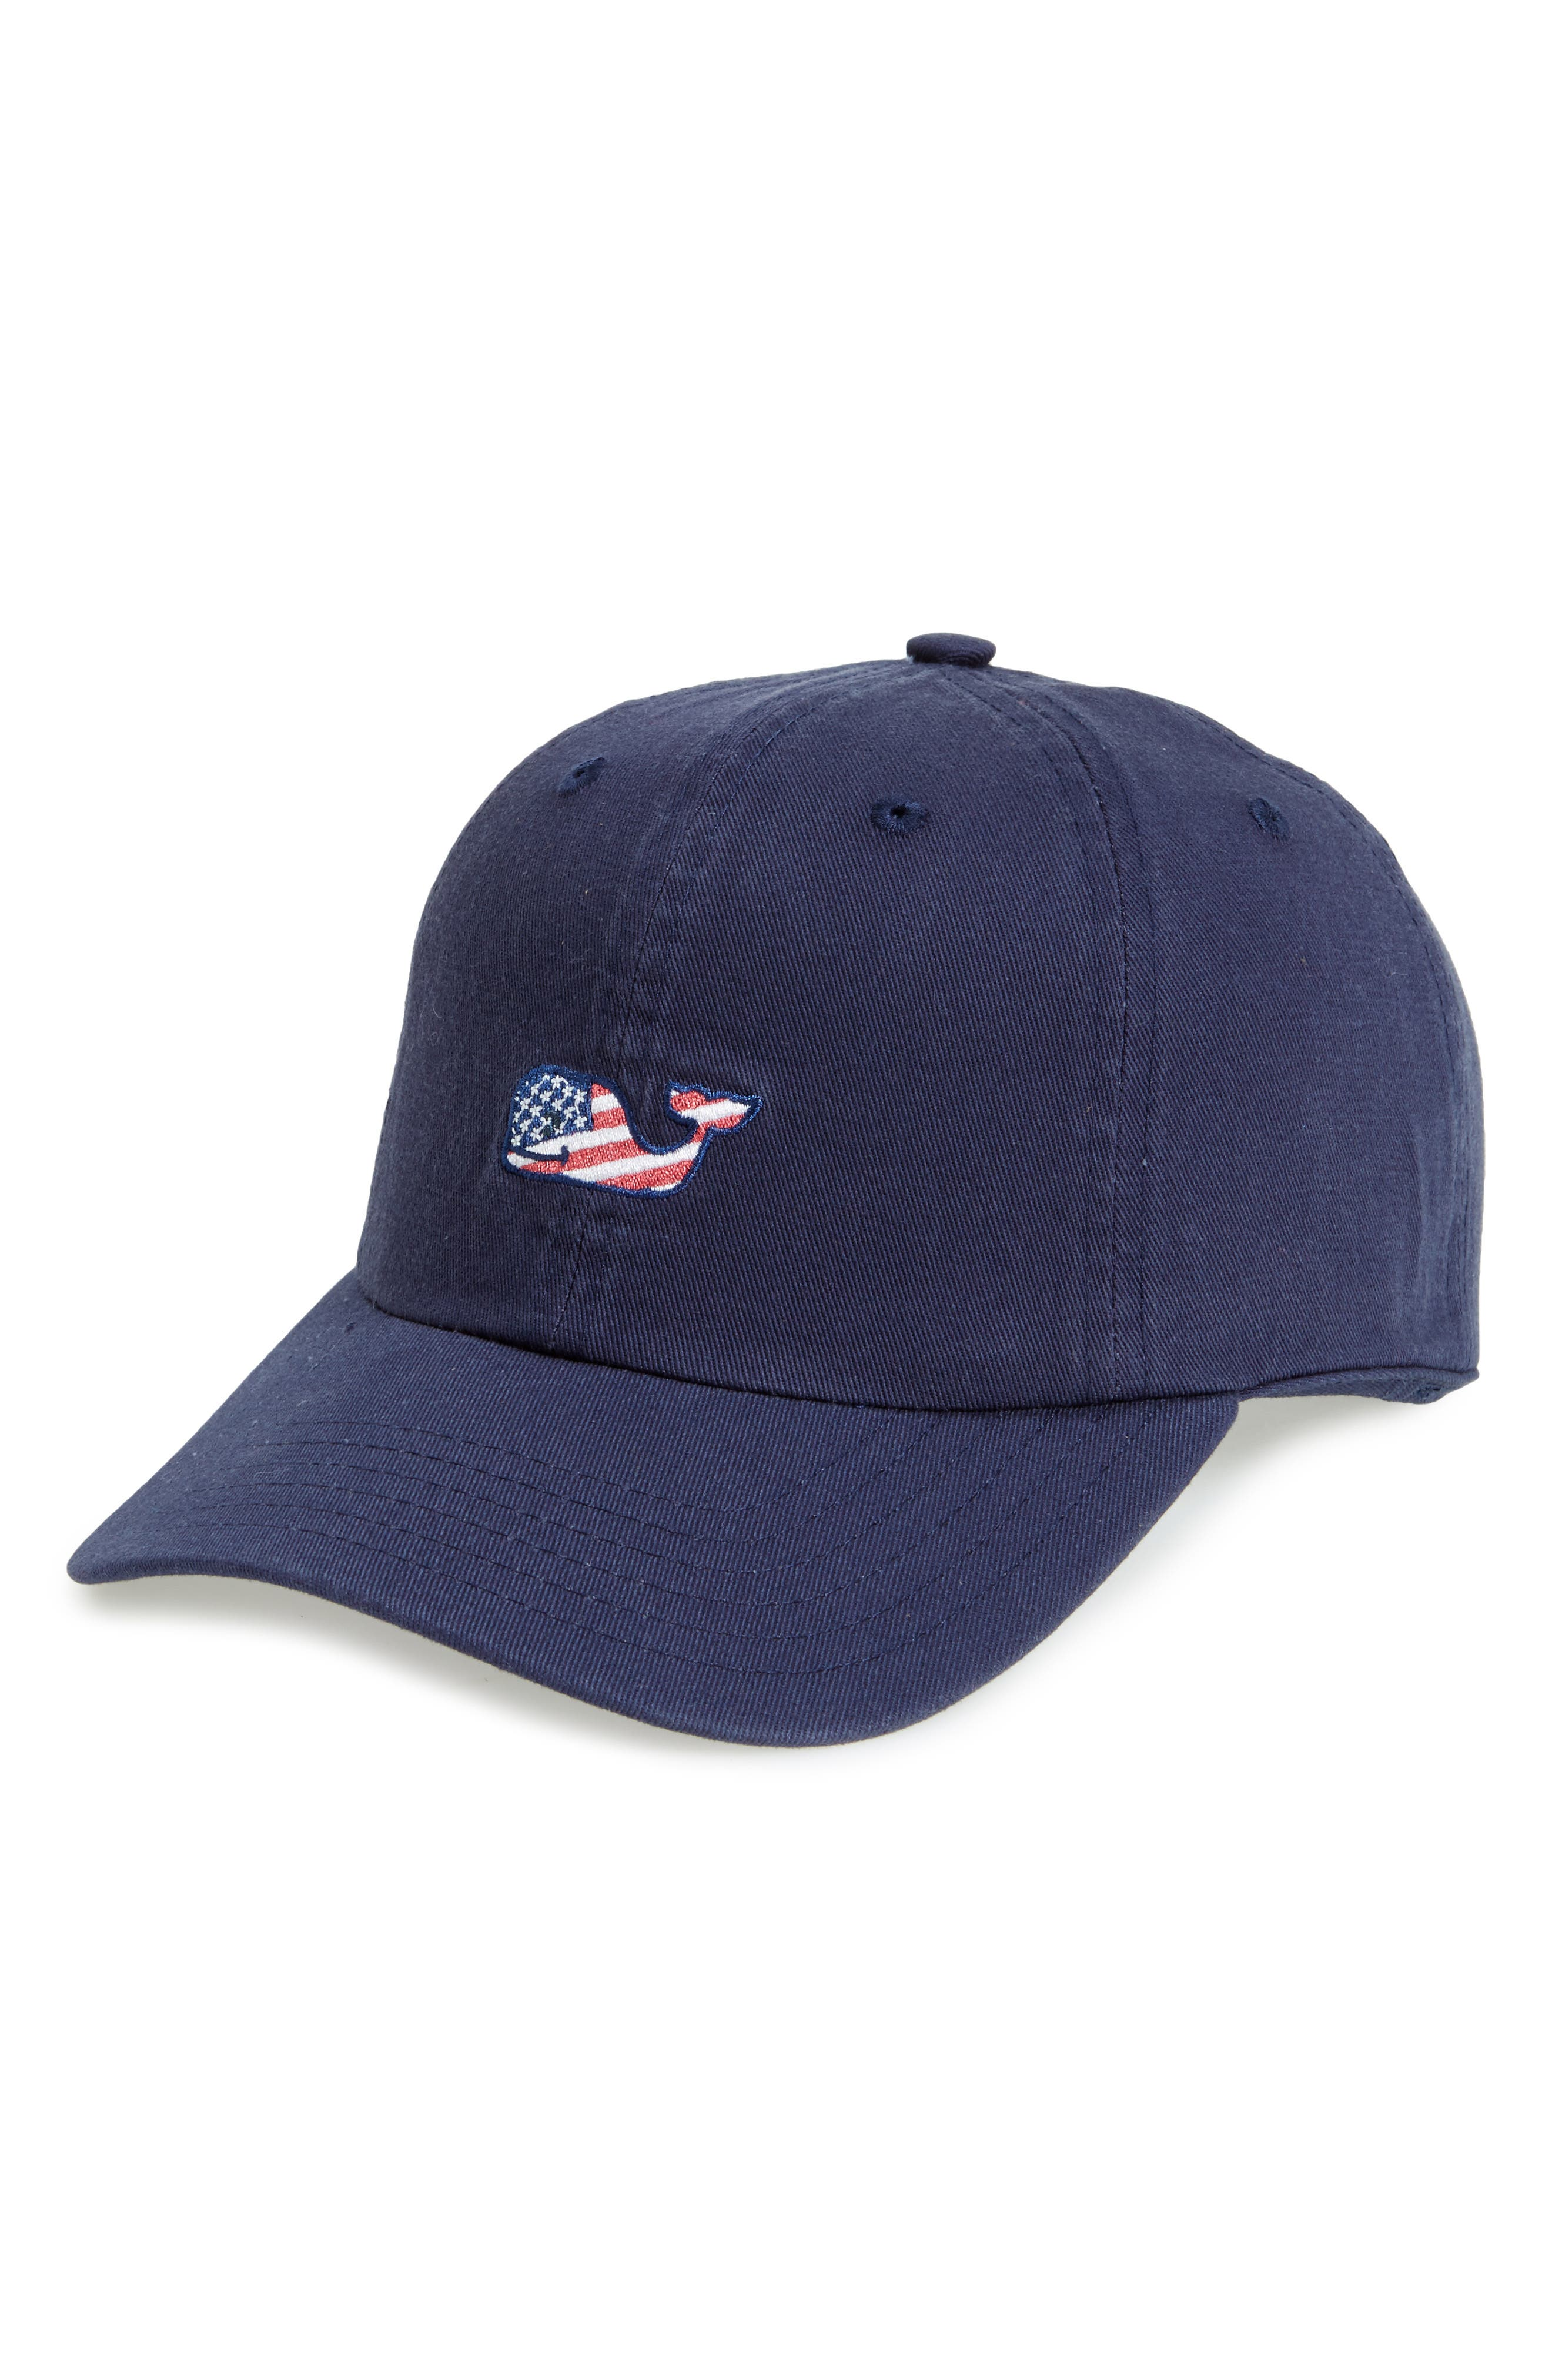 Alternate Image 1 Selected - vineyard vines Flag Whale Logo Baseball Cap